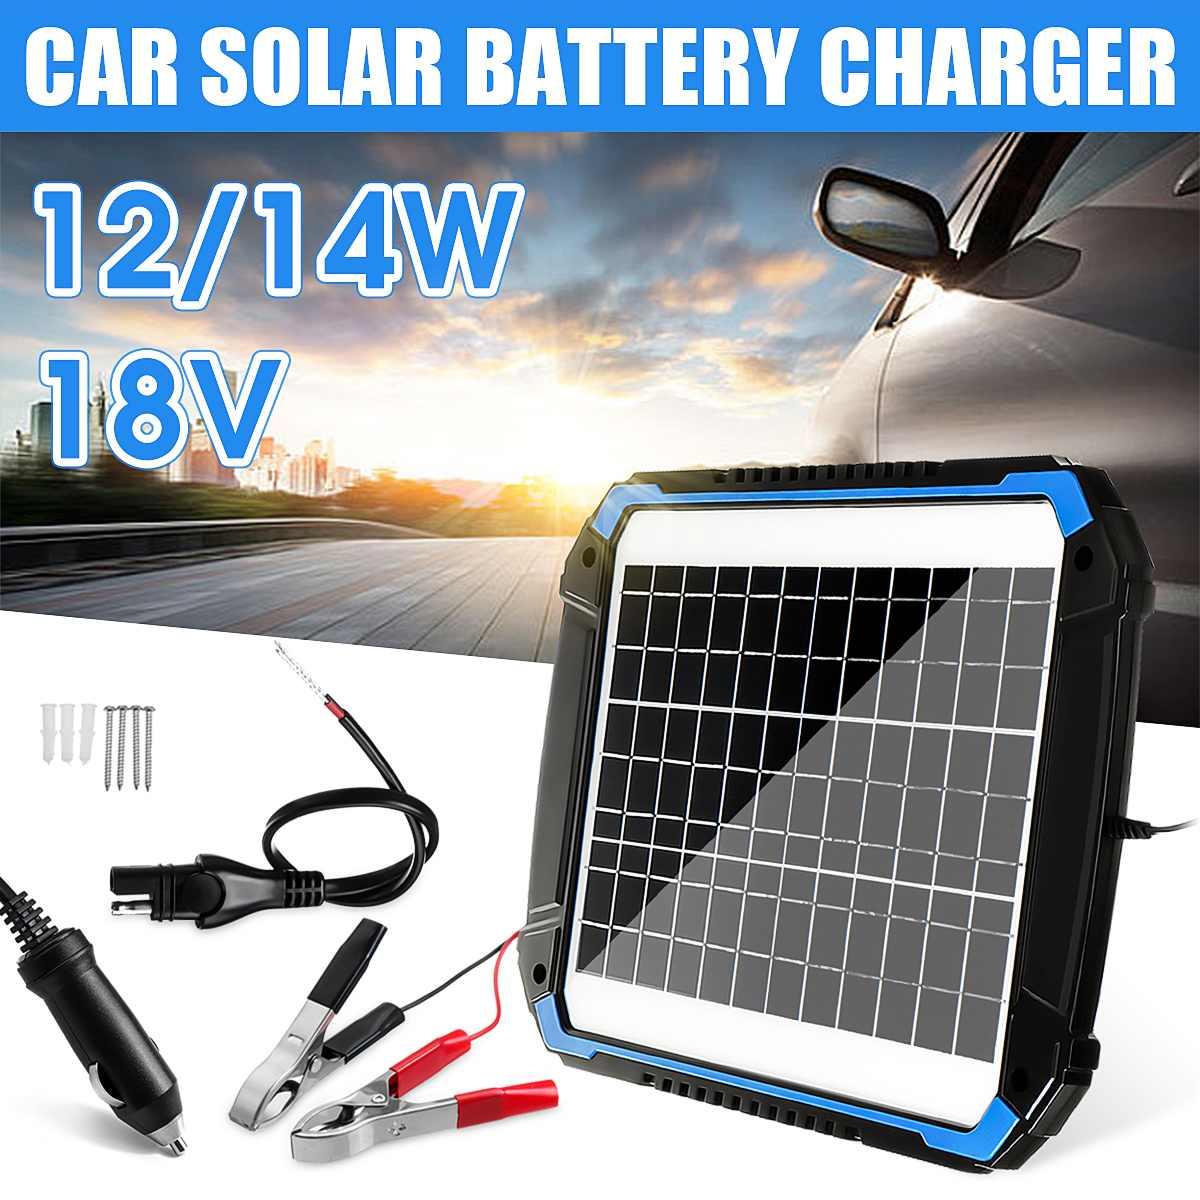 12/14 W panneau solaire Trickle chargeur de batterie mainteneur pour voiture véhicule charge 3m-panneau longueur de câble multifonction Protection